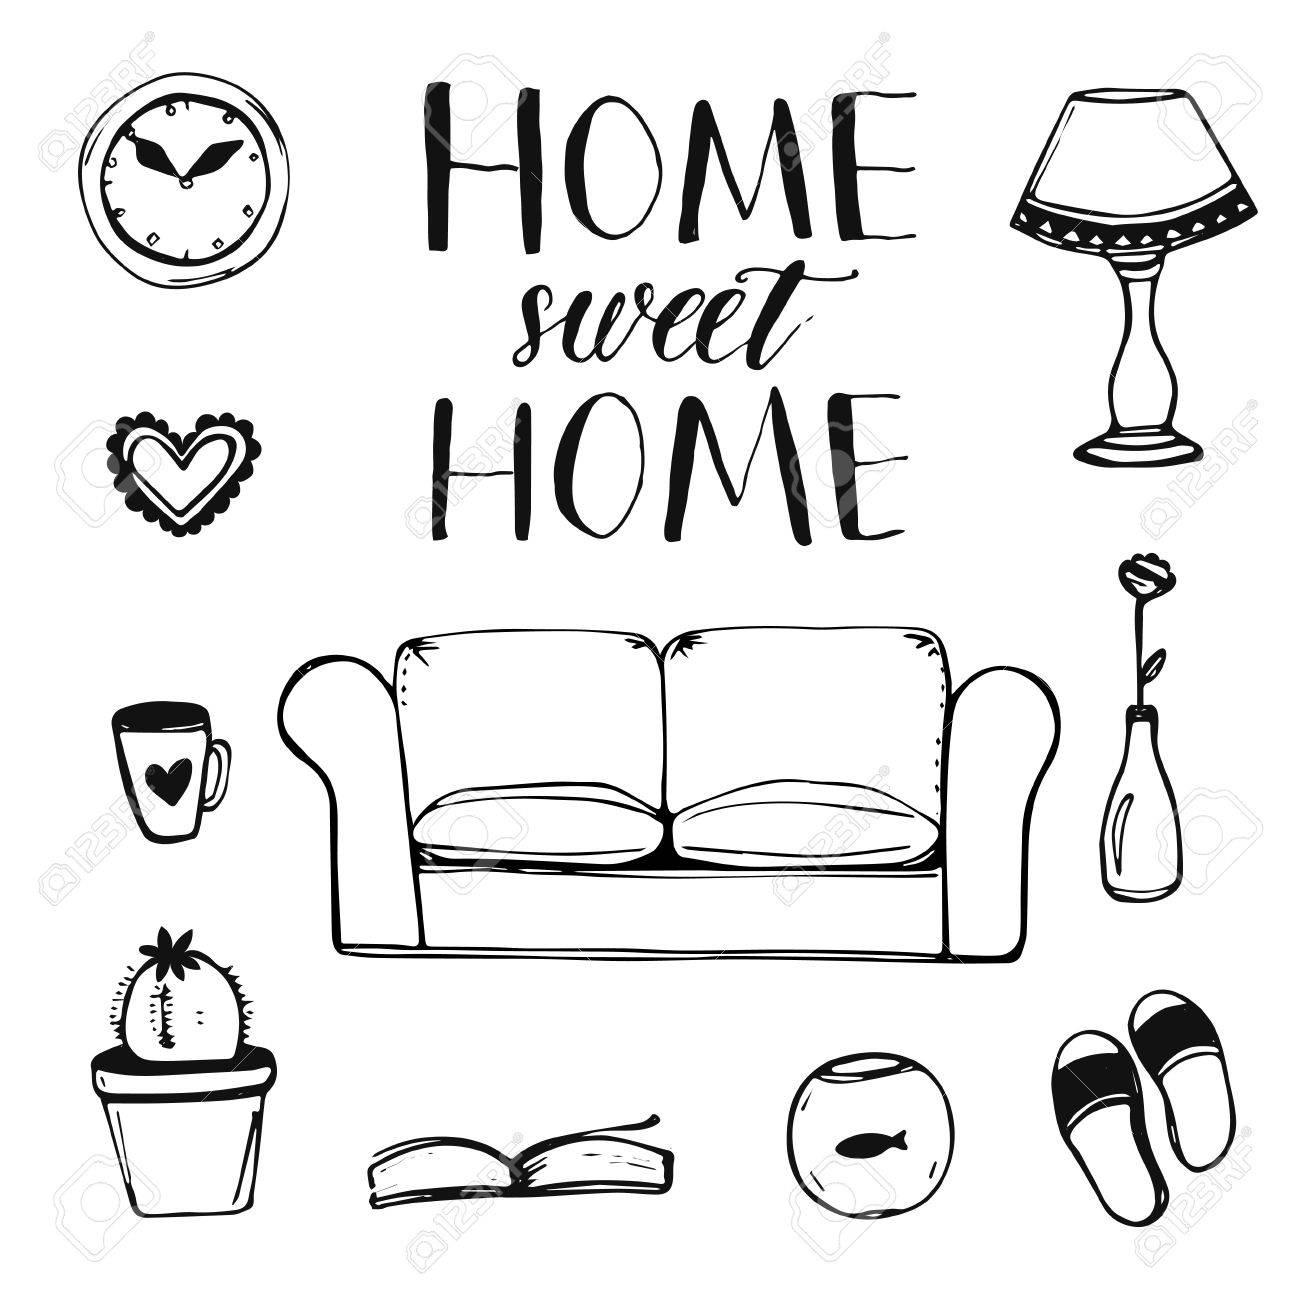 Sofa gezeichnet  Set Hand Gezeichnete Home Interior Doodles: Sofa, Lampe, Uhr ...